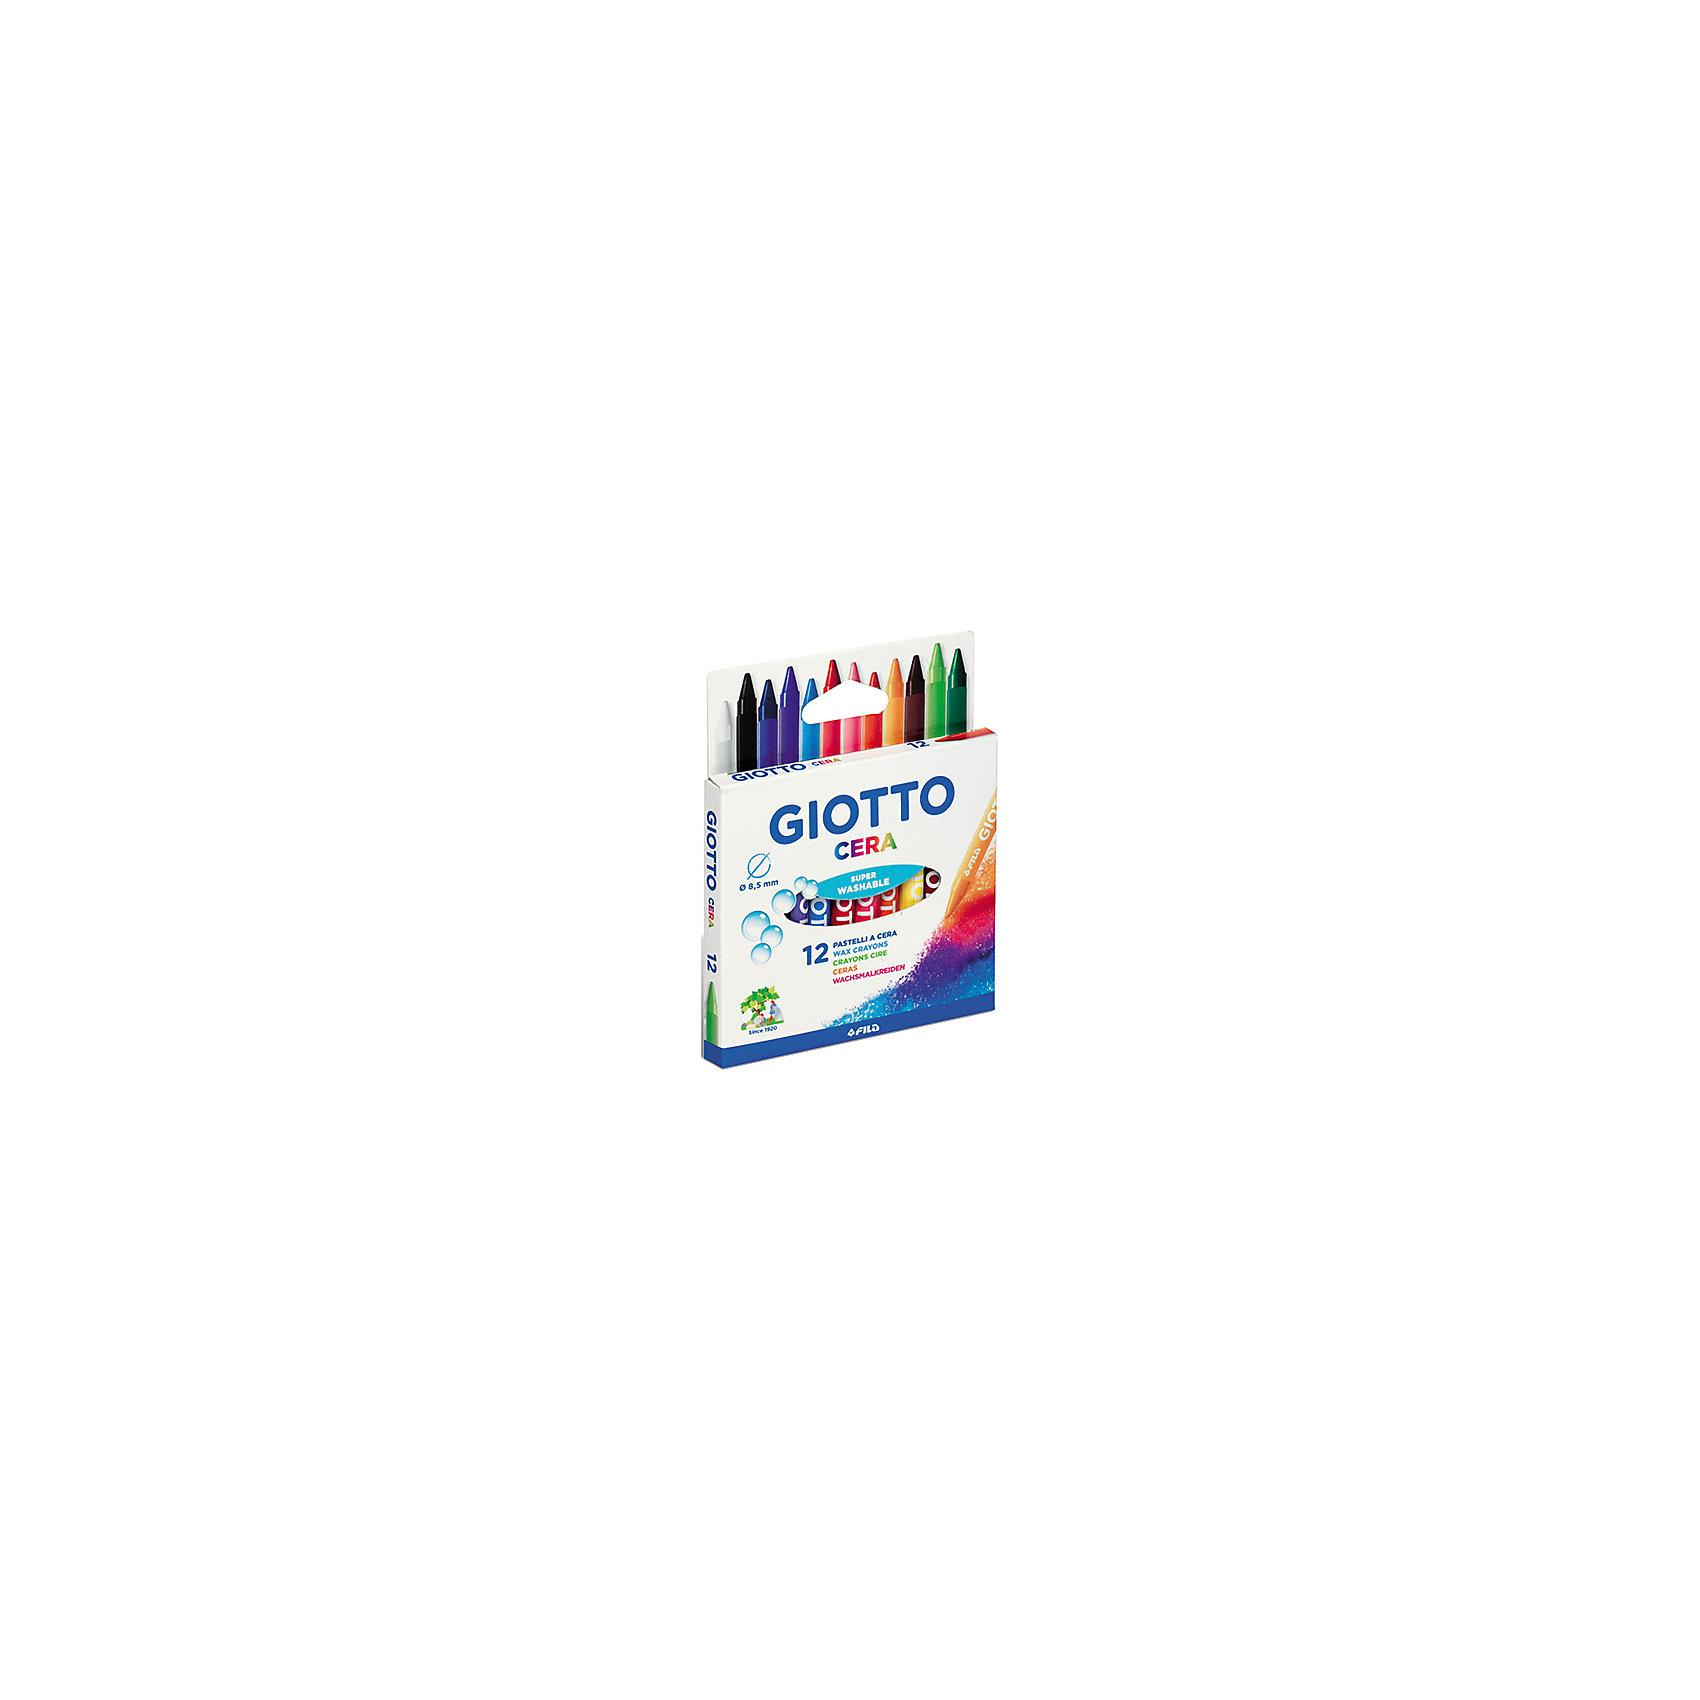 Восковые карандаши, 12 шт.Масляные и восковые мелки<br>Характеристики товара:<br><br>• материал: воск<br>• комплектация: 12 шт<br>• длина карандаша 90 мм<br>• толщина карандаша 8,5 мм<br>• каждый мелок в индивидуальной бумажной обертке<br>• возраст: от трех лет<br>• для творчества<br>• страна бренда: Италия<br>• страна производства: Китай<br><br>Этот набор станет отличным подарком ребенку! Творчество - удачный способ занять детей. Это не только занимательно, но и очень полезно. С помощью набора ребенок сможет нарисовать яркие картины! Карандаши удобно лежат в ладони, дают отличный цвет и линию.<br>Такое занятие как рисование помогает детям развивать многие важные навыки и способности: они тренируют внимание, память, логику, мышление, мелкую моторику, творческие способности, а также усидчивость и аккуратность. Изделие производится из качественных сертифицированных материалов, безопасных даже для самых маленьких.<br><br>Восковые карандаши, 12 шт. от бренда GIOTTO можно купить в нашем интернет-магазине.<br><br>Ширина мм: 90<br>Глубина мм: 13<br>Высота мм: 104<br>Вес г: 74<br>Возраст от месяцев: 72<br>Возраст до месяцев: 120<br>Пол: Унисекс<br>Возраст: Детский<br>SKU: 5107796